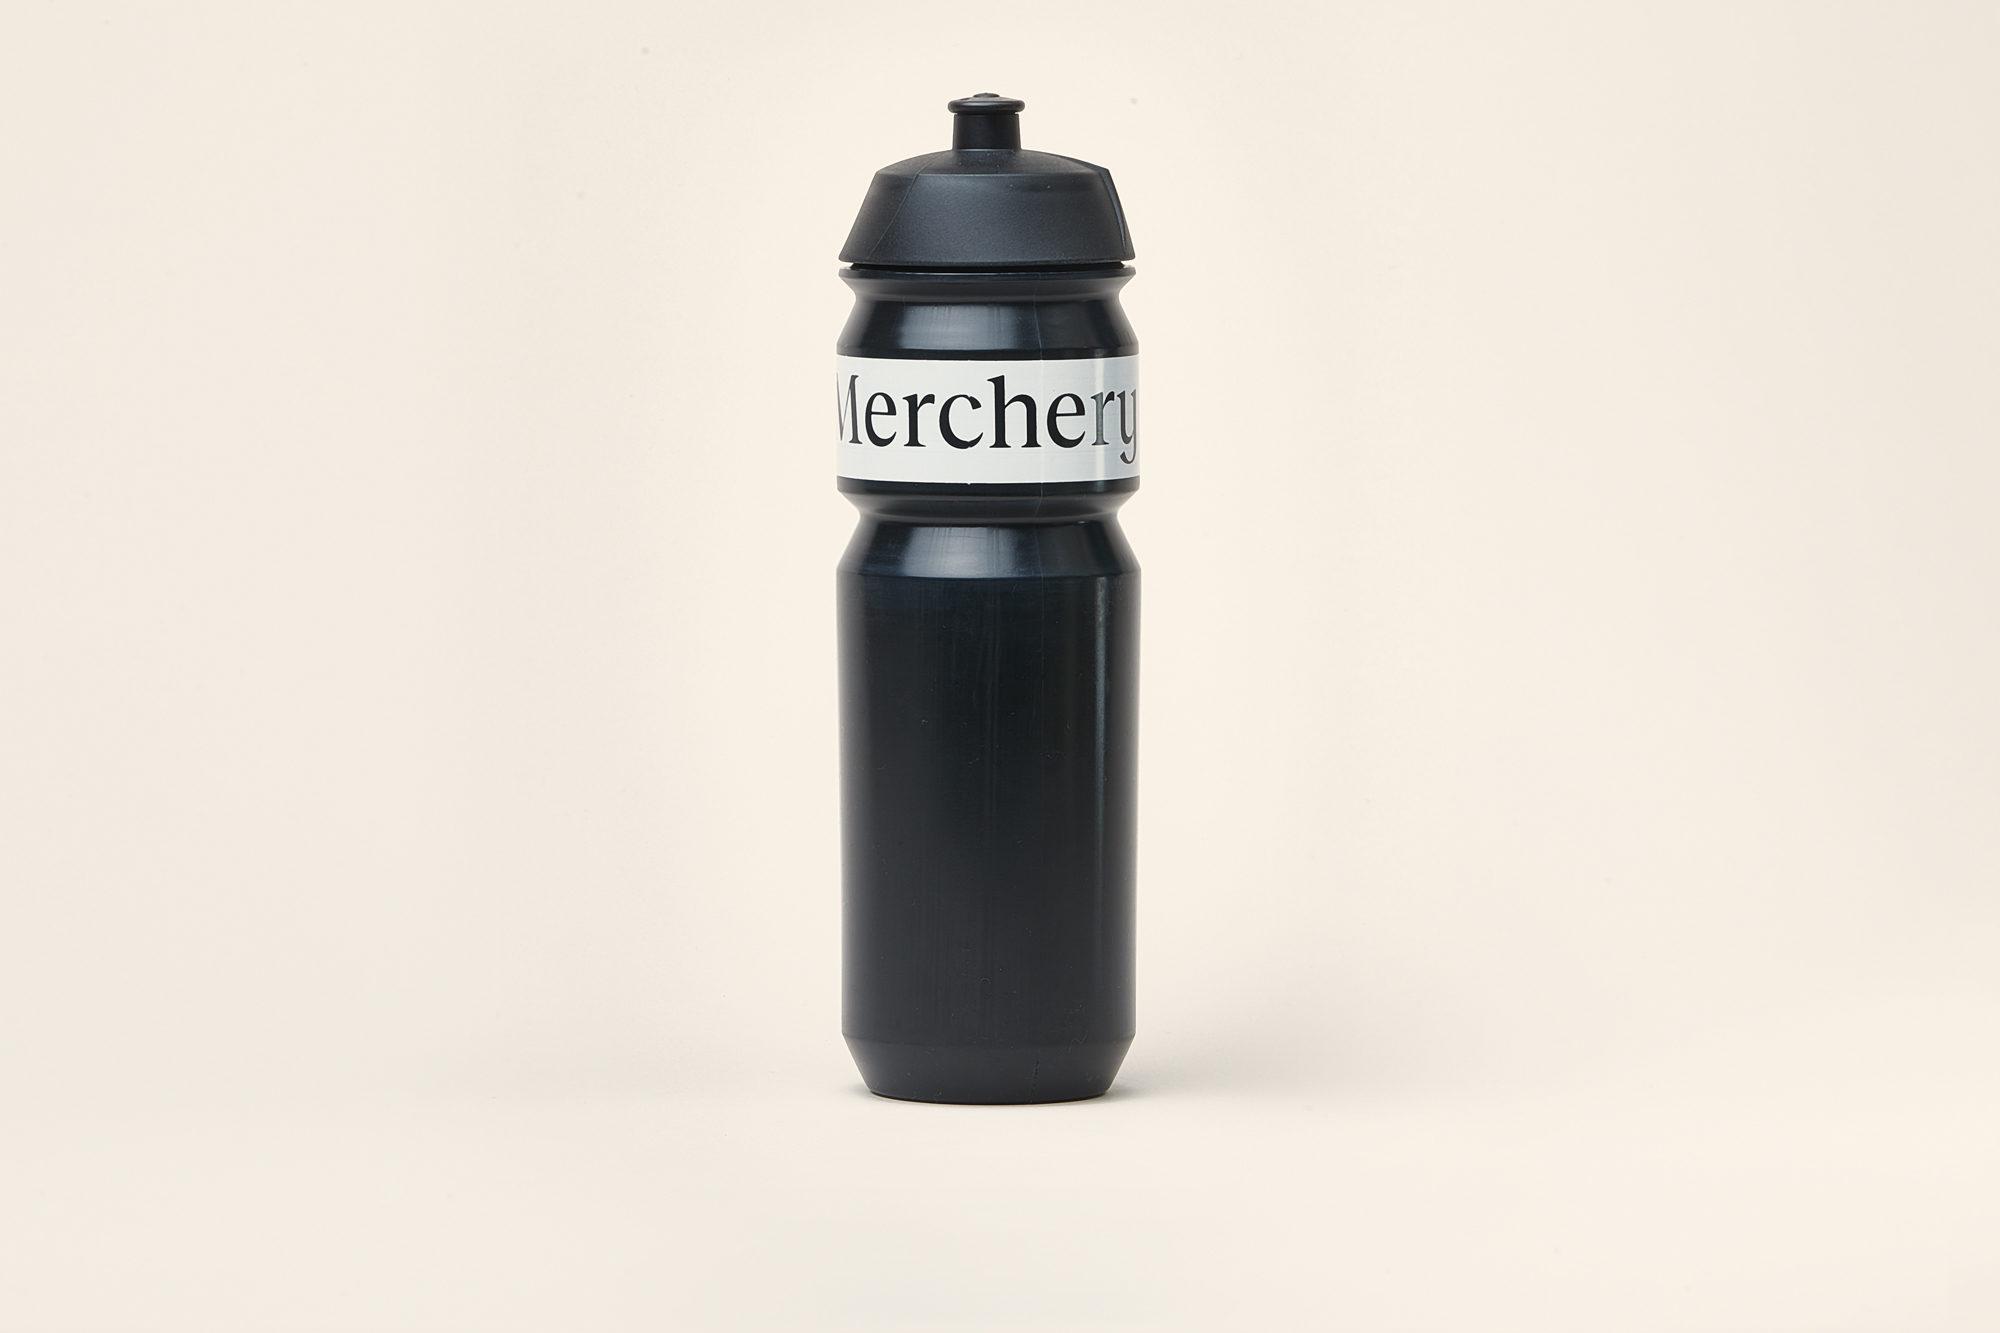 Merchery customized cycling bio bottle black white large eco friendly sustainable branded bottle